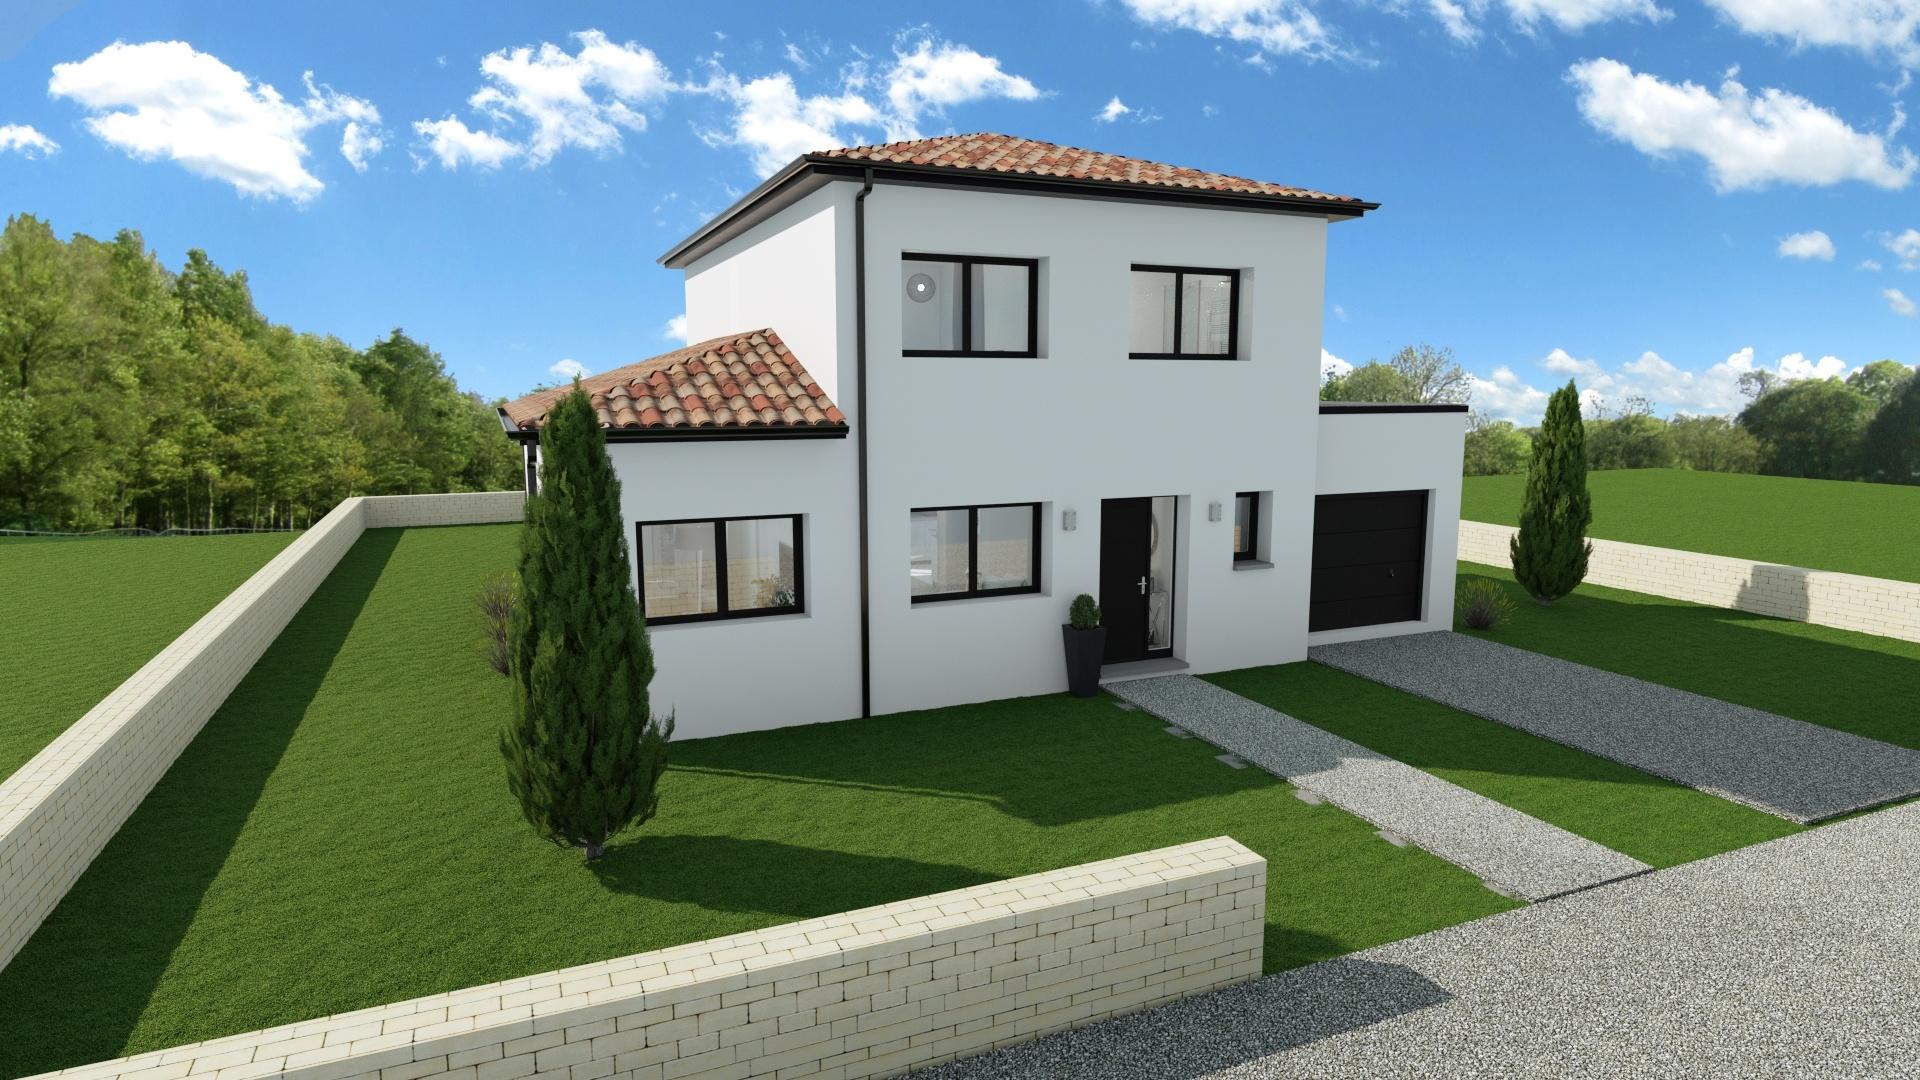 Maisons + Terrains du constructeur Maison Familiale Toulouse • 141 m² • FROUZINS